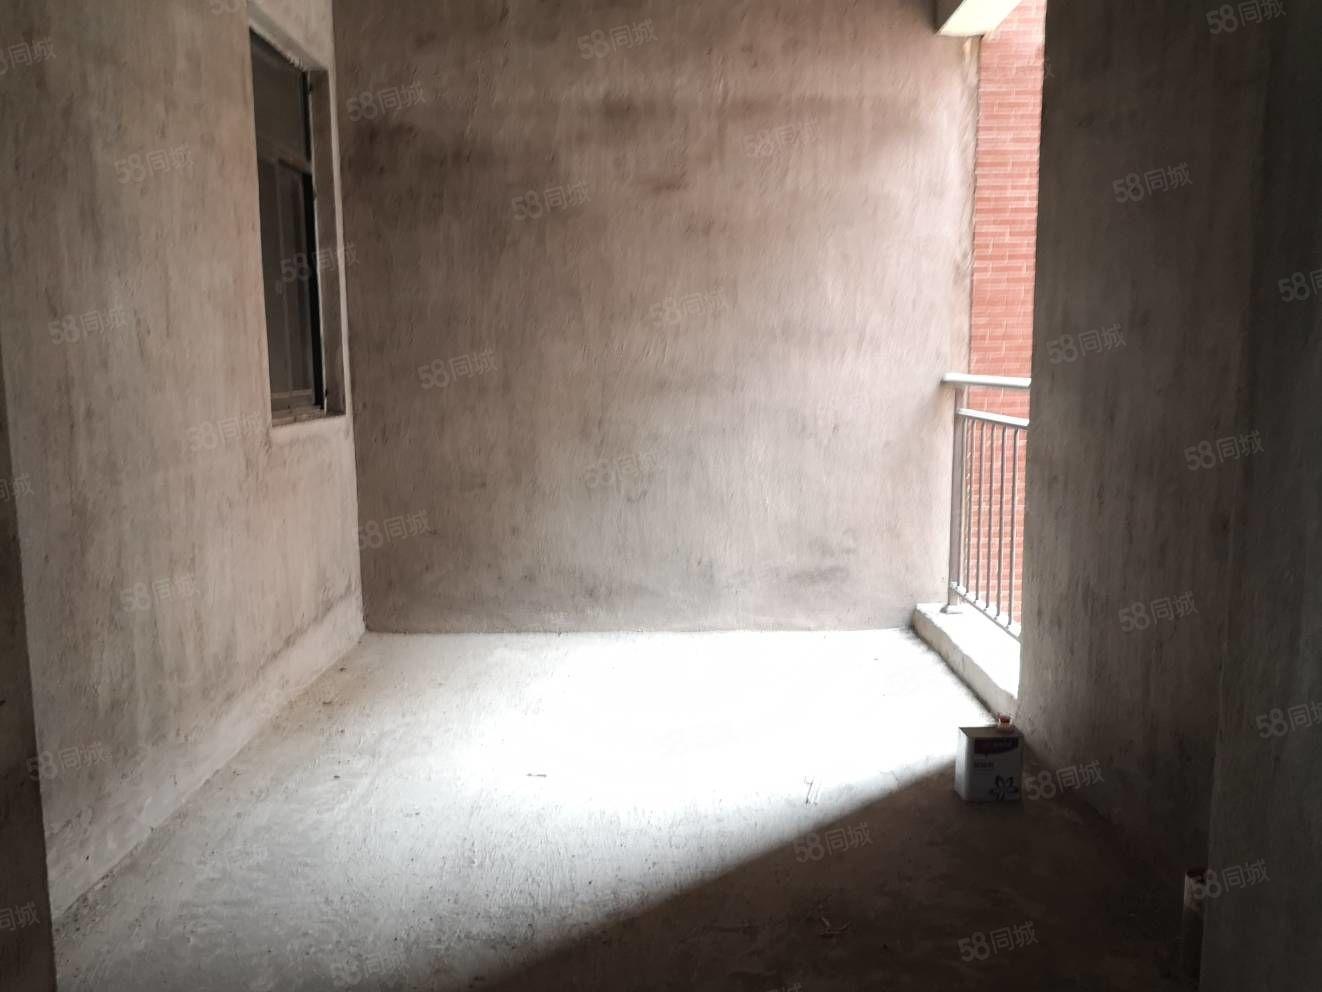 兴盛嘉园电梯房,房东在大城市定居,急售此房